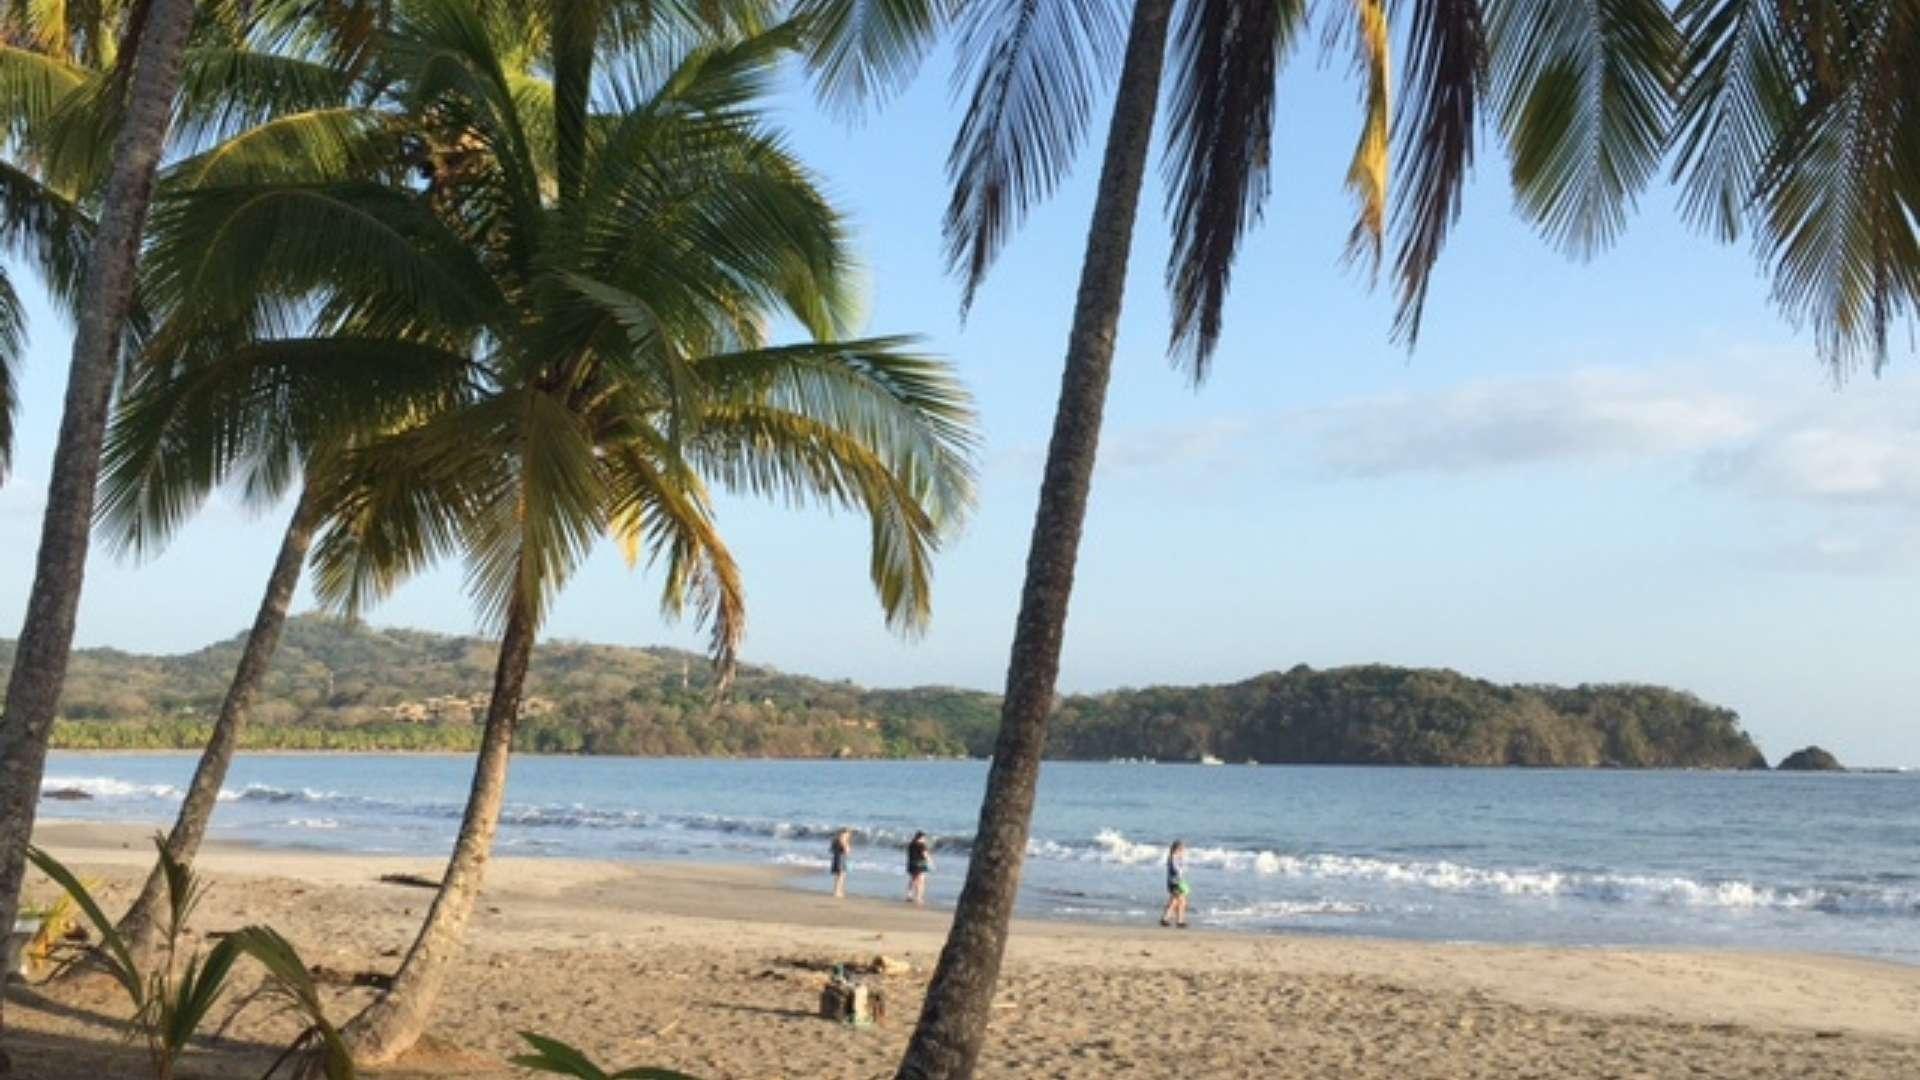 Playa Samara in Costa Rica